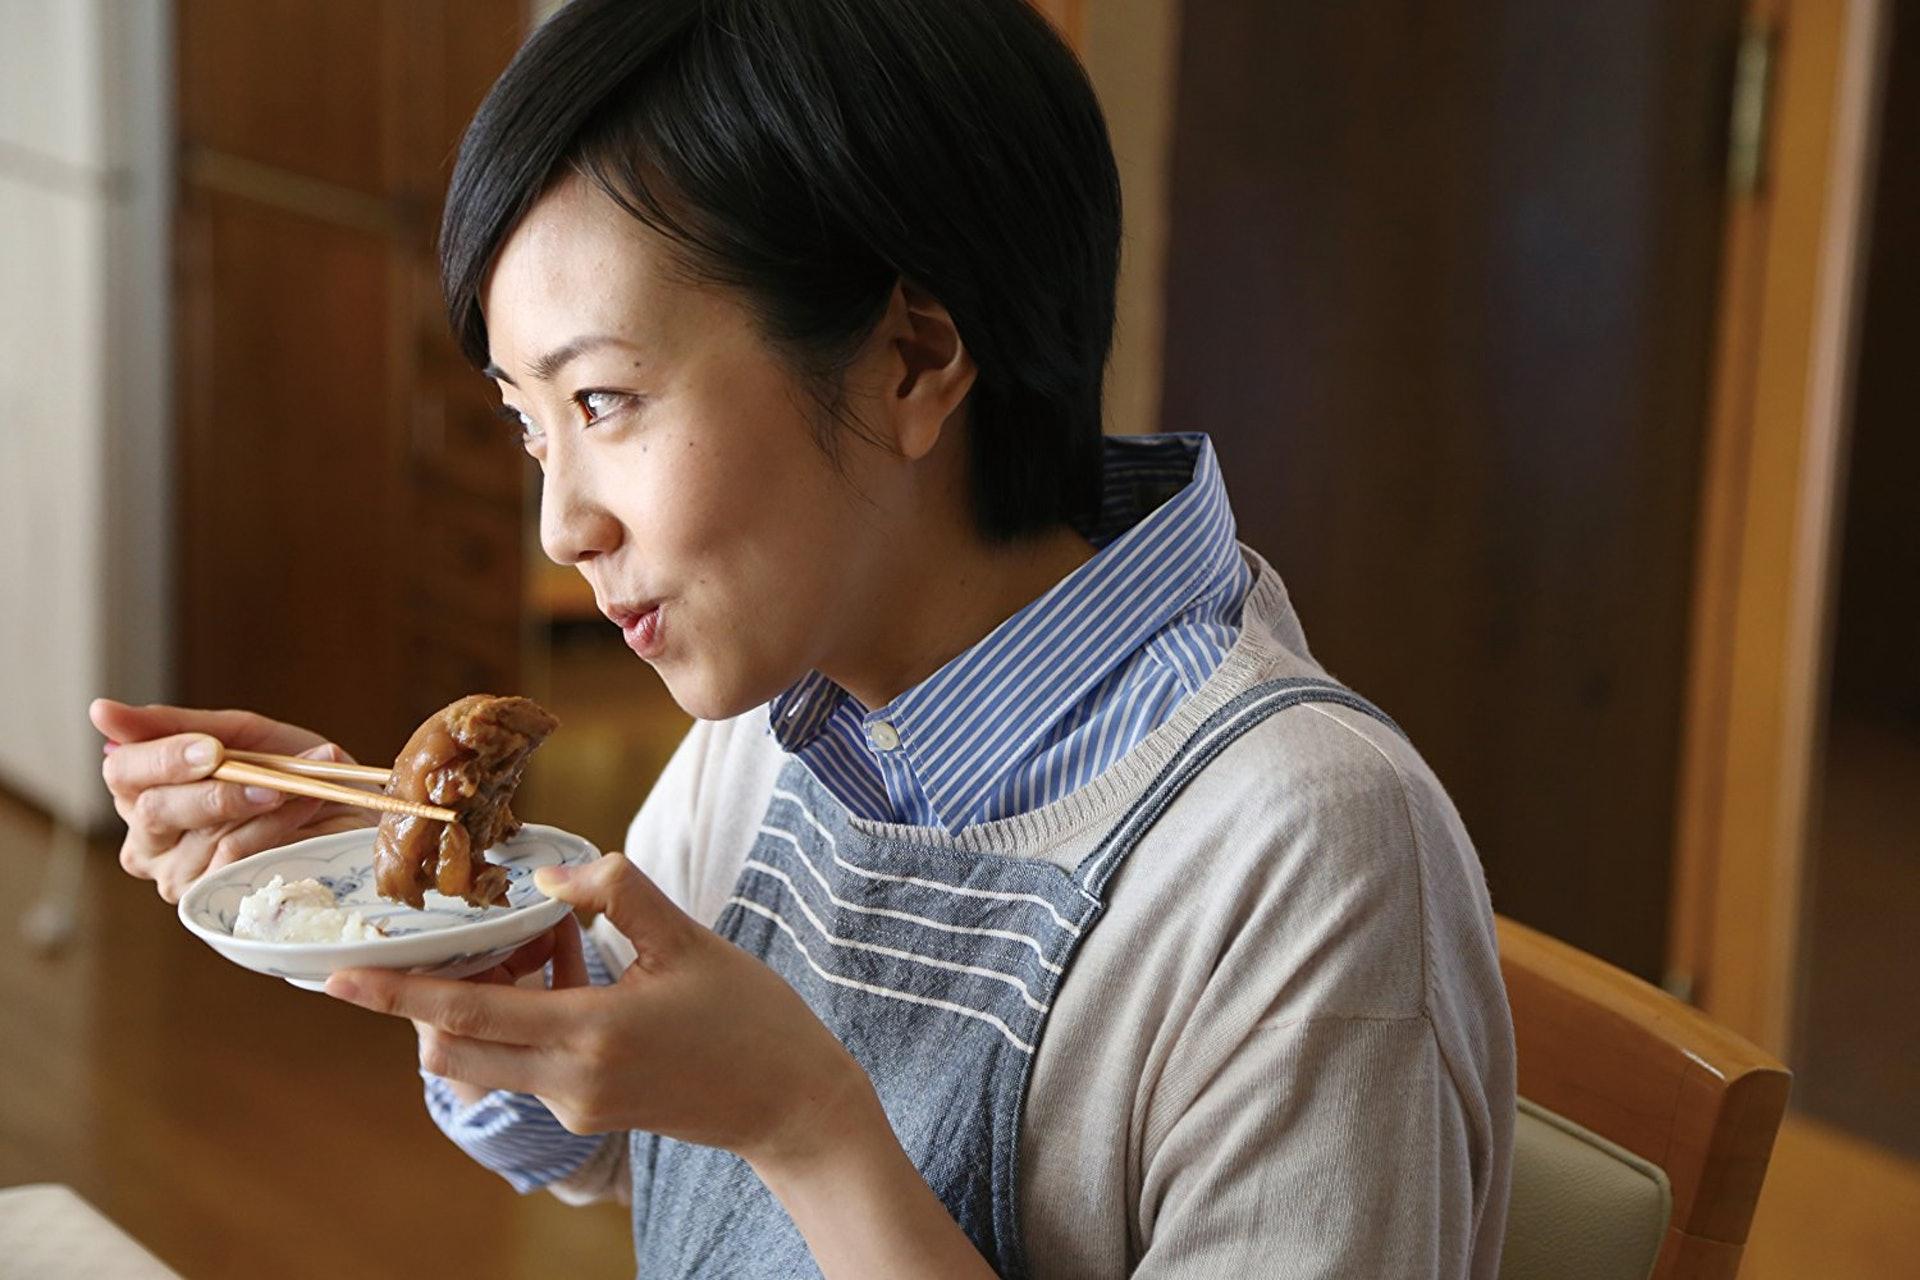 大肚能容天下事-到自己最愛的餐廳,吃完再算!(《阿媽,今晚食乜餸?》劇照)